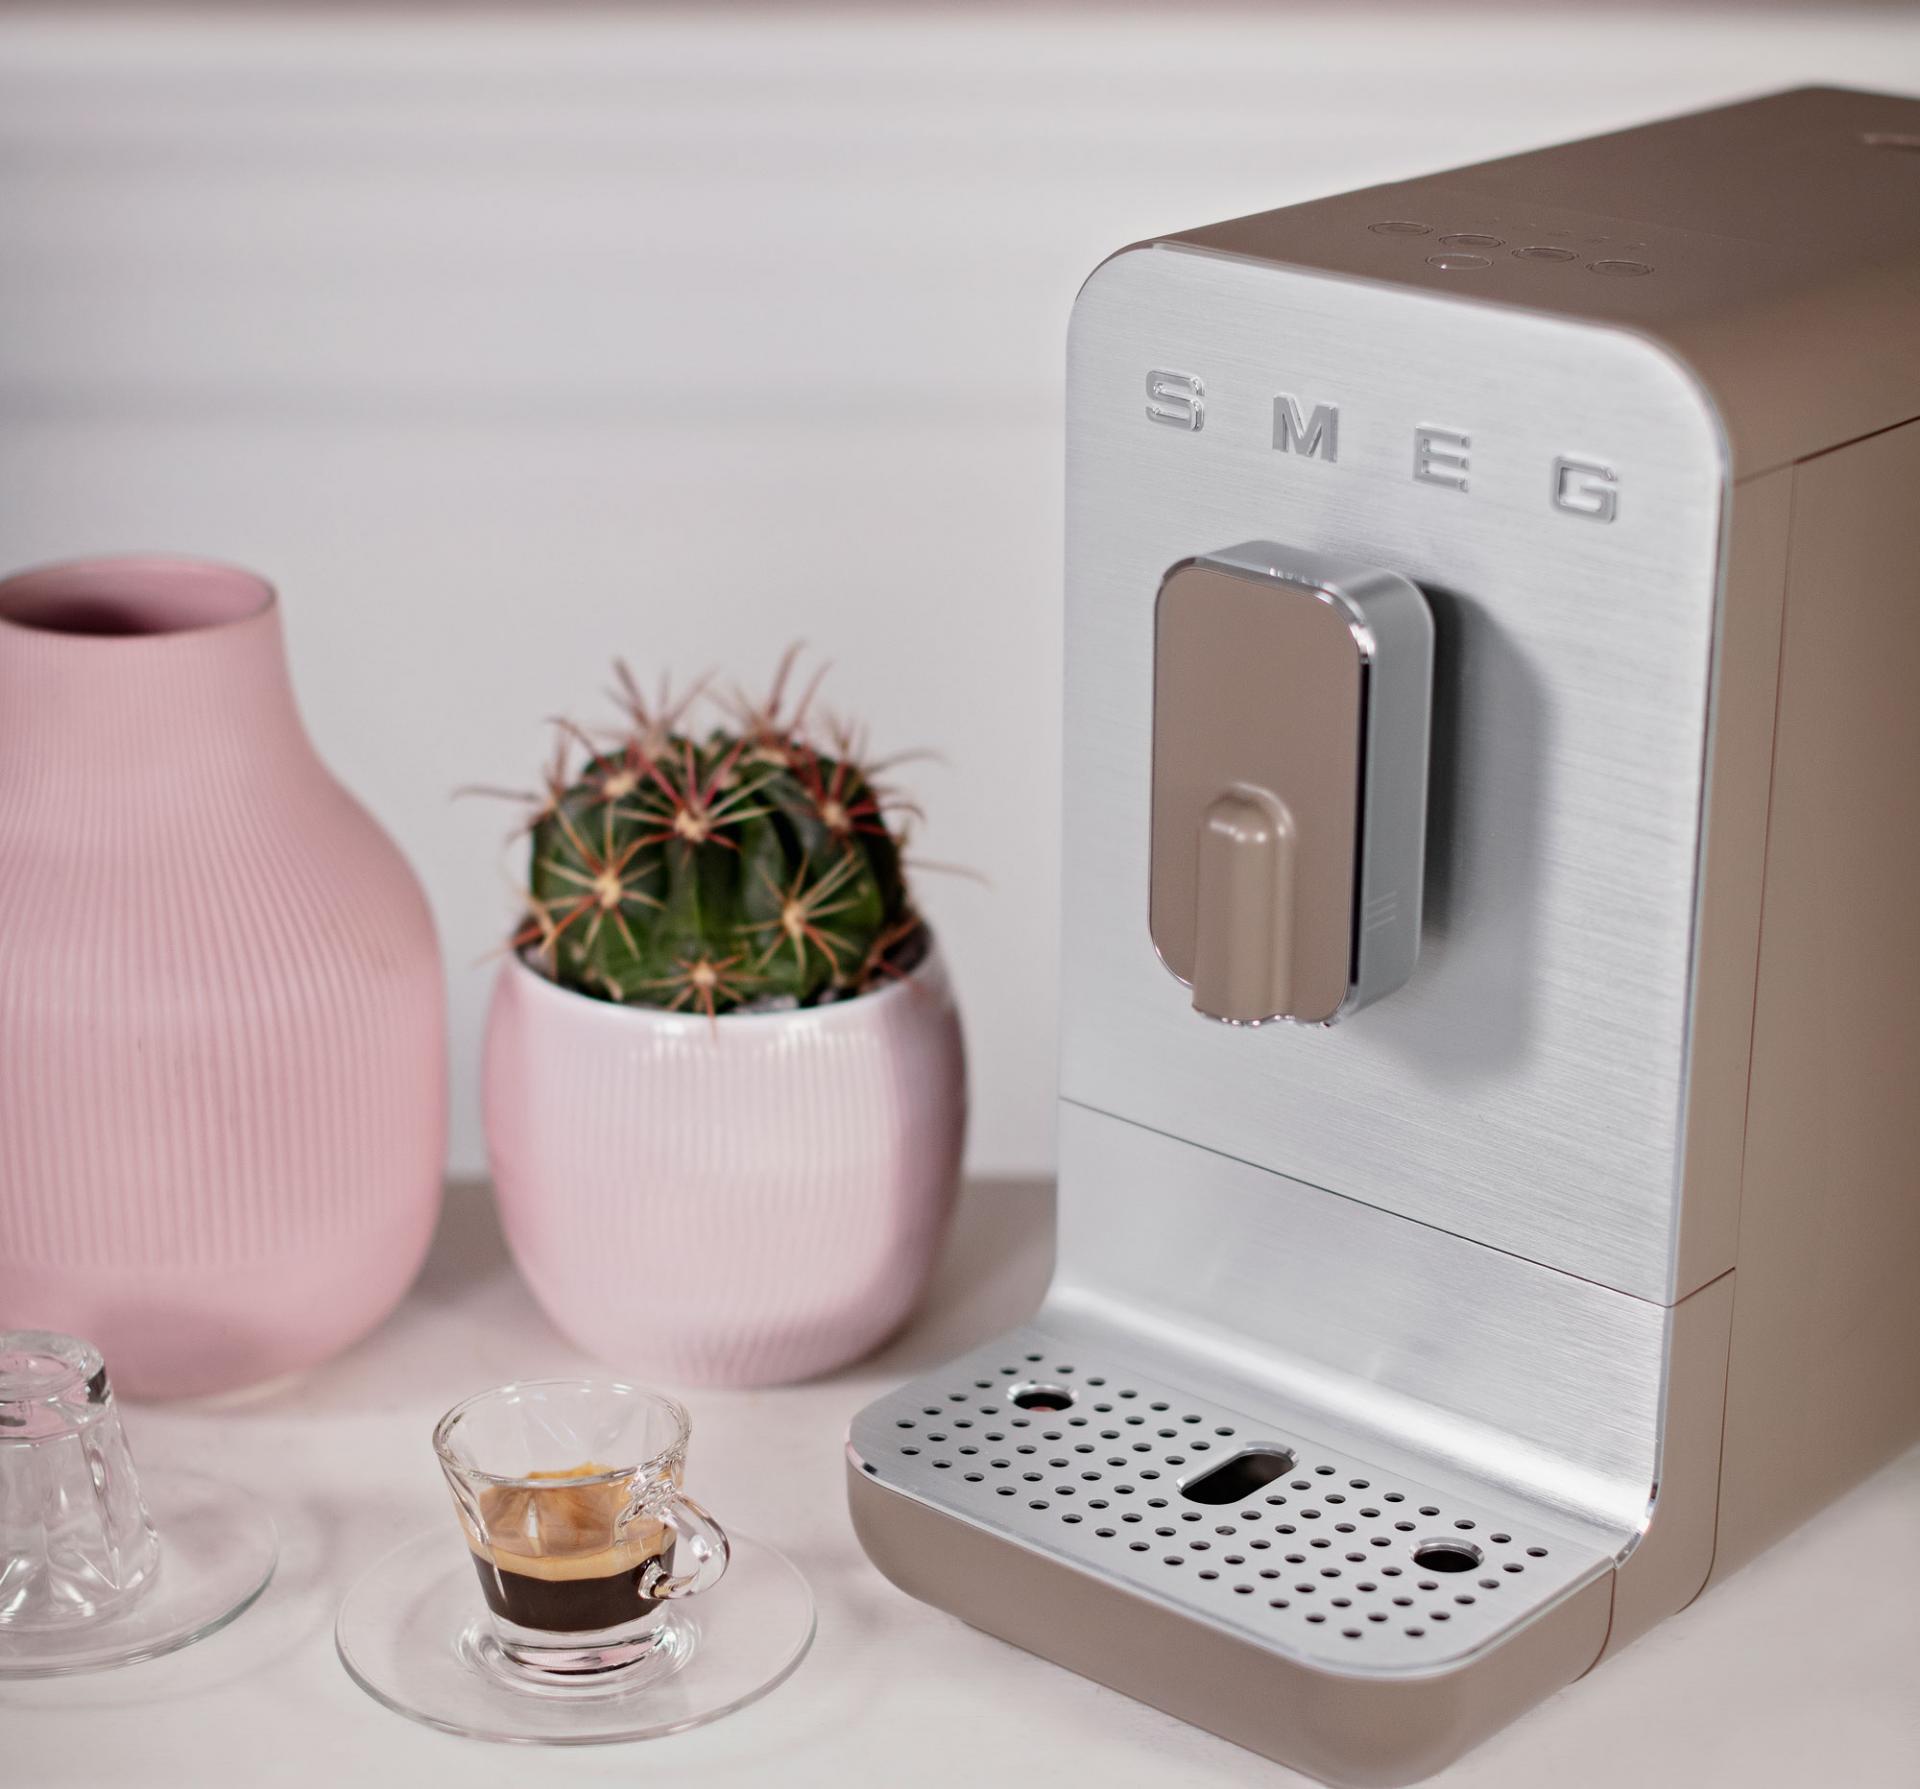 Новый взгляд настарые традиции. Компания Smeg выпустила новые автоматические кофемашины